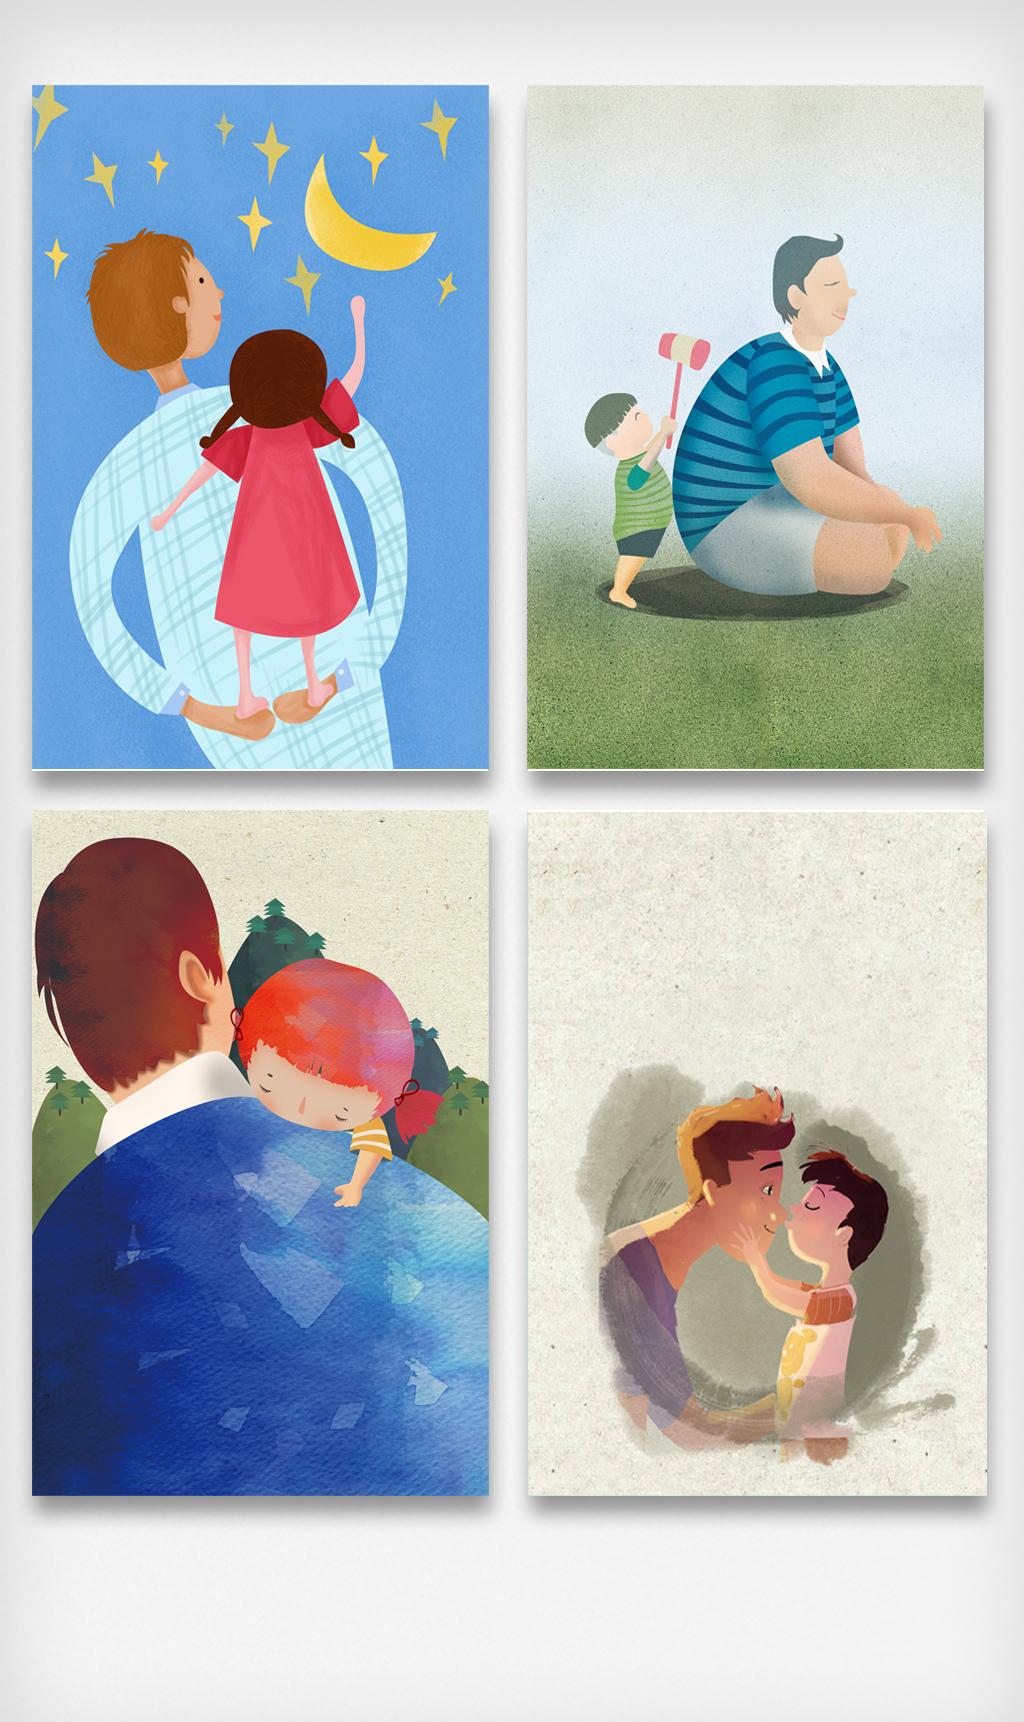 手绘感恩父亲节人物插画海报背景元素